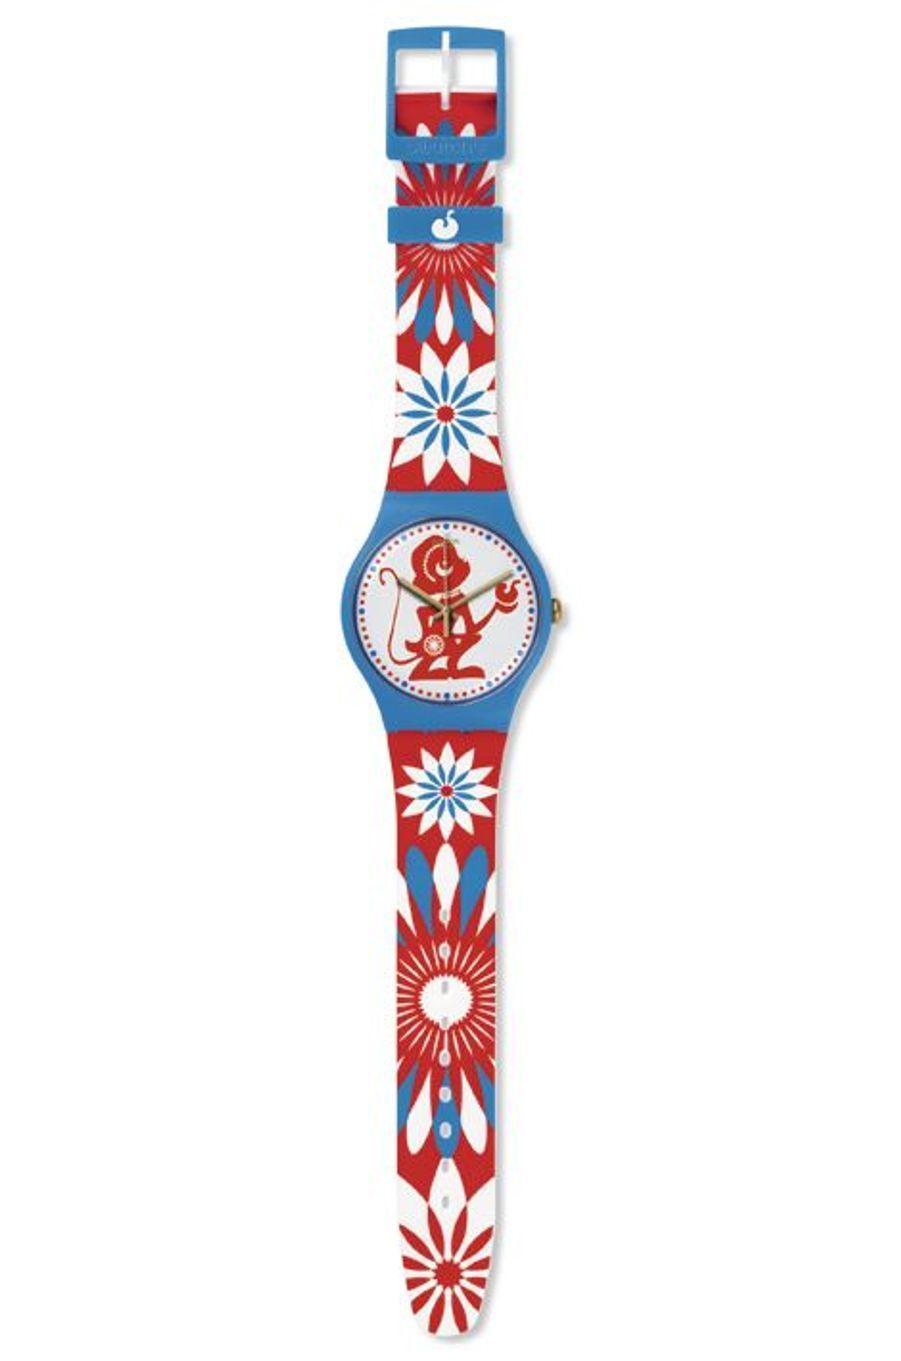 Lucky monkey. Boîte en plastique, bracelet en silicone. 70 €. Swatch.